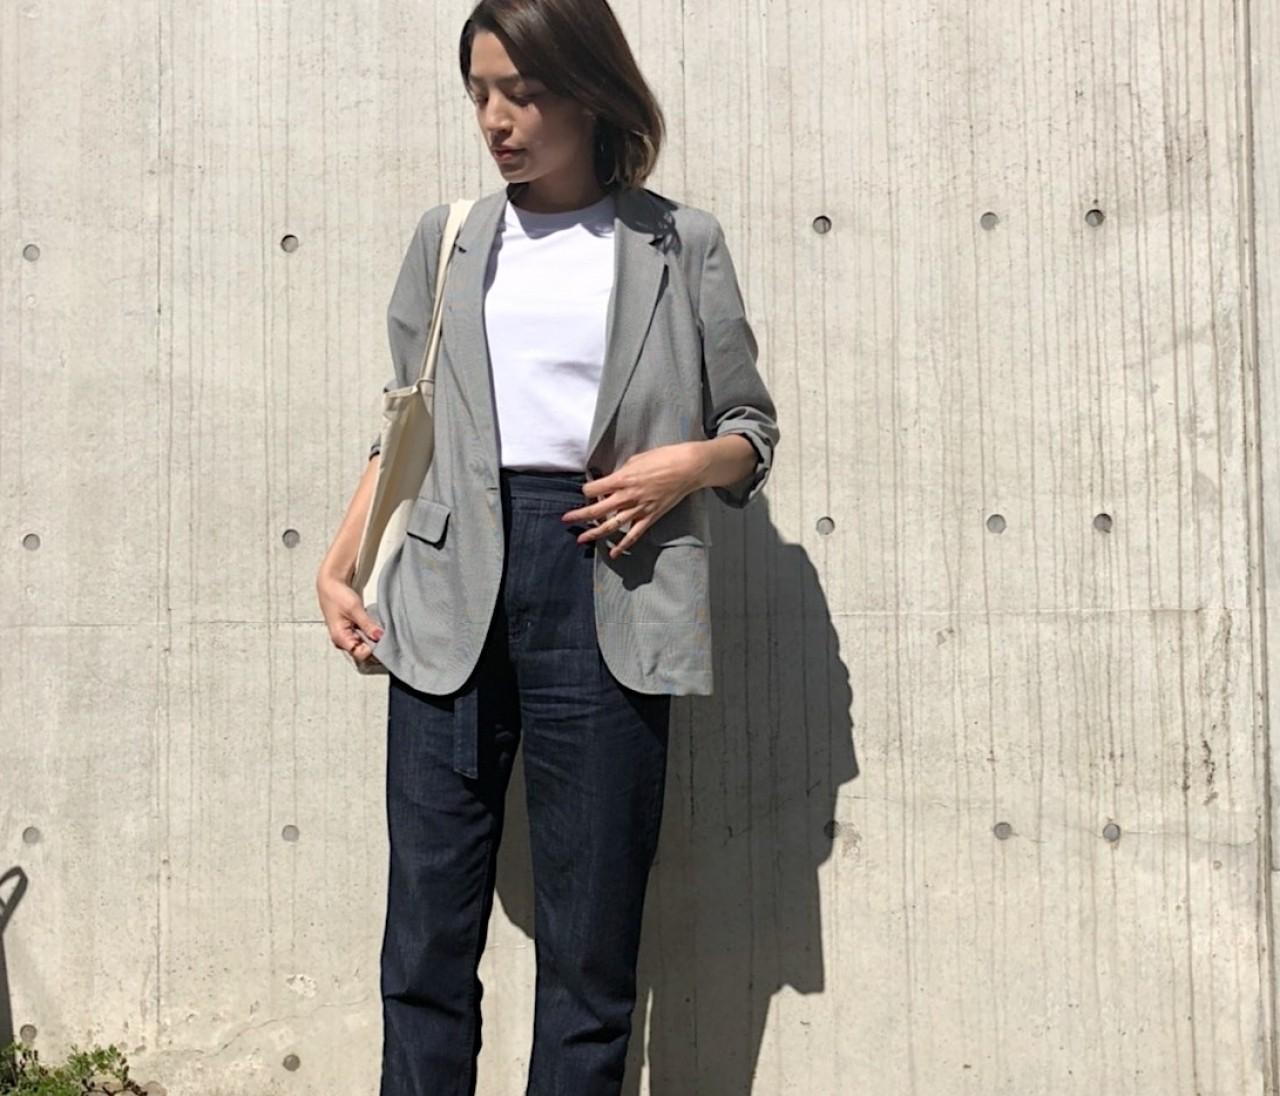 ユニクロの薄軽JKで全身【1万円以下】ON/OFF ジャケットコーデ